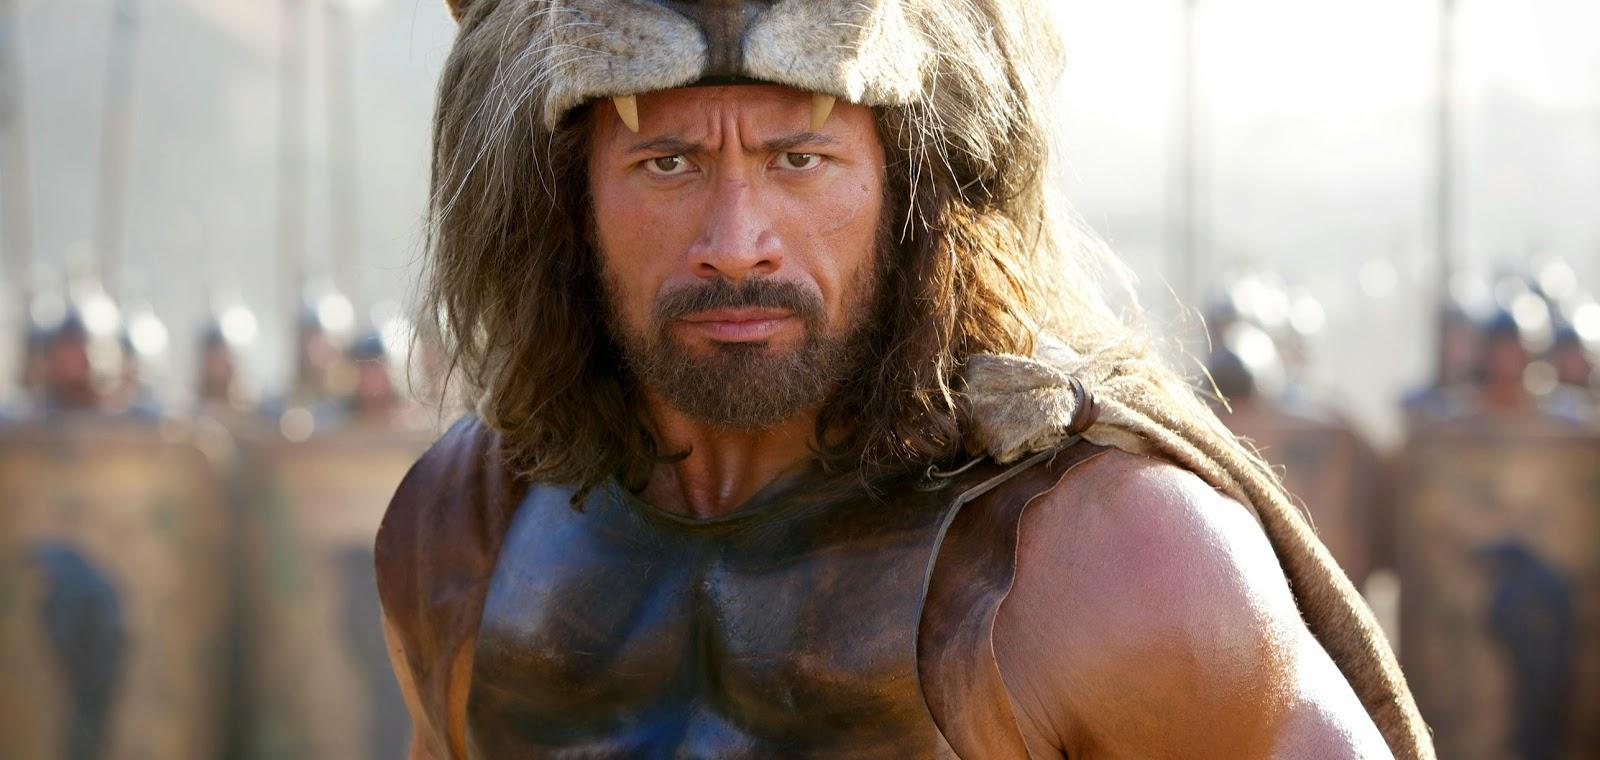 Hércules | Dwayne Johnson enfrenta o Leão de Nemeia & Hidra de Lerna em clipes inéditos do épico